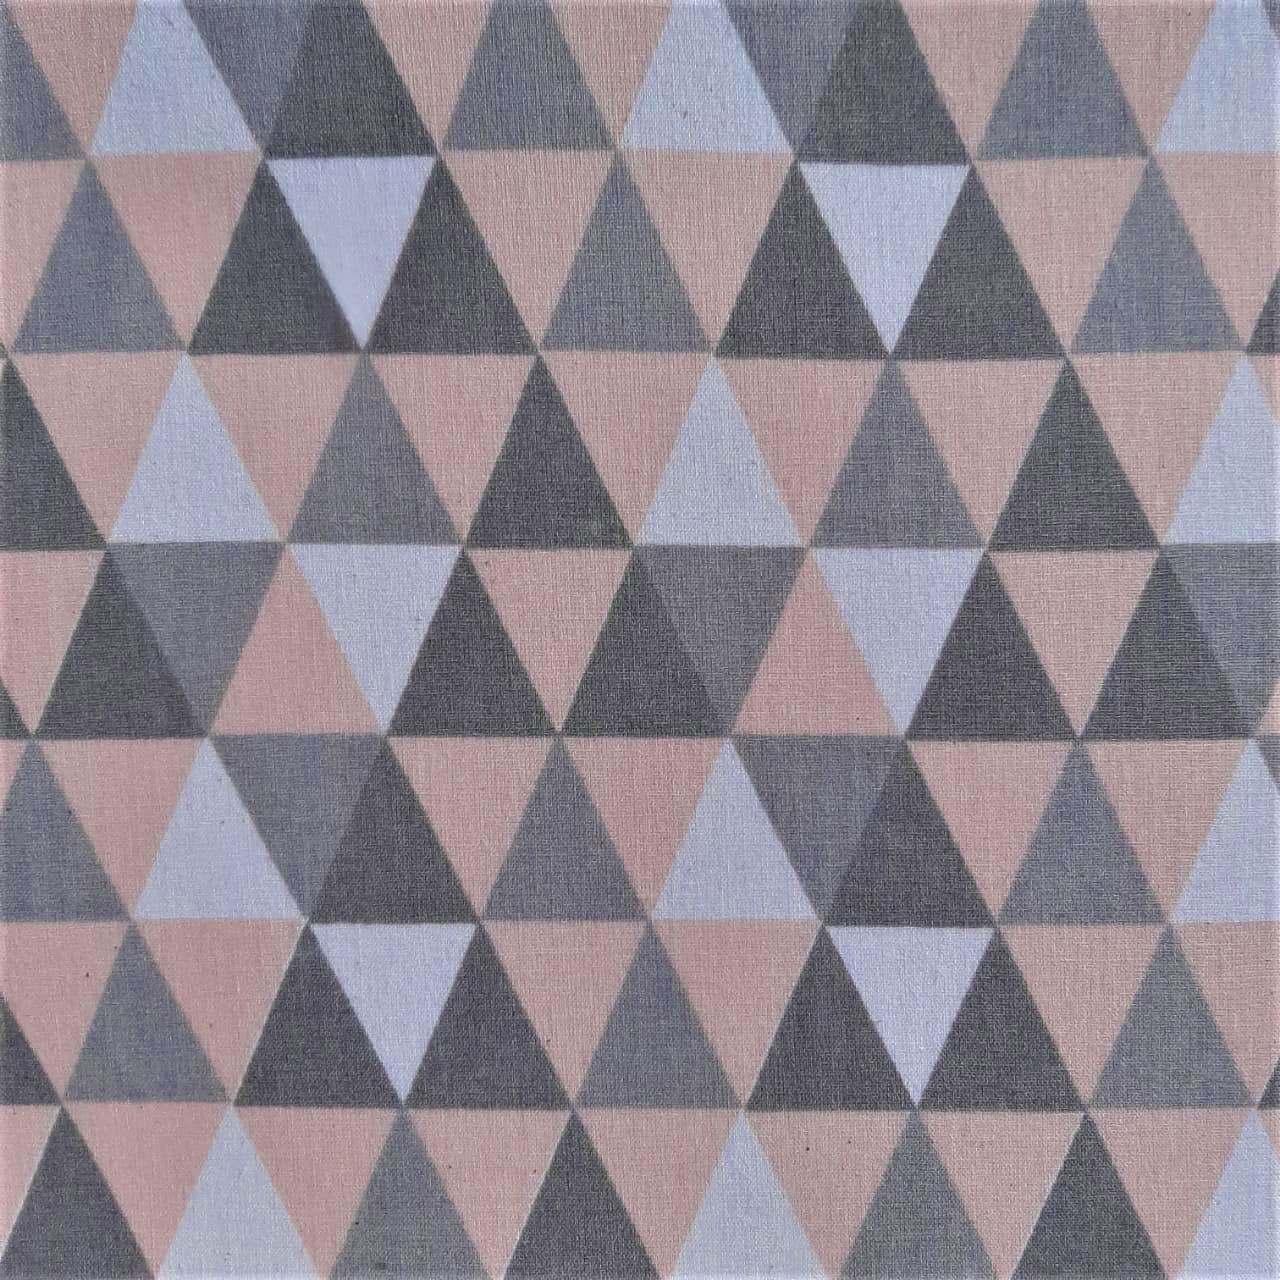 Folha de Eva Com Tecido Triângulos Cinza e Rosa 40x30 cm